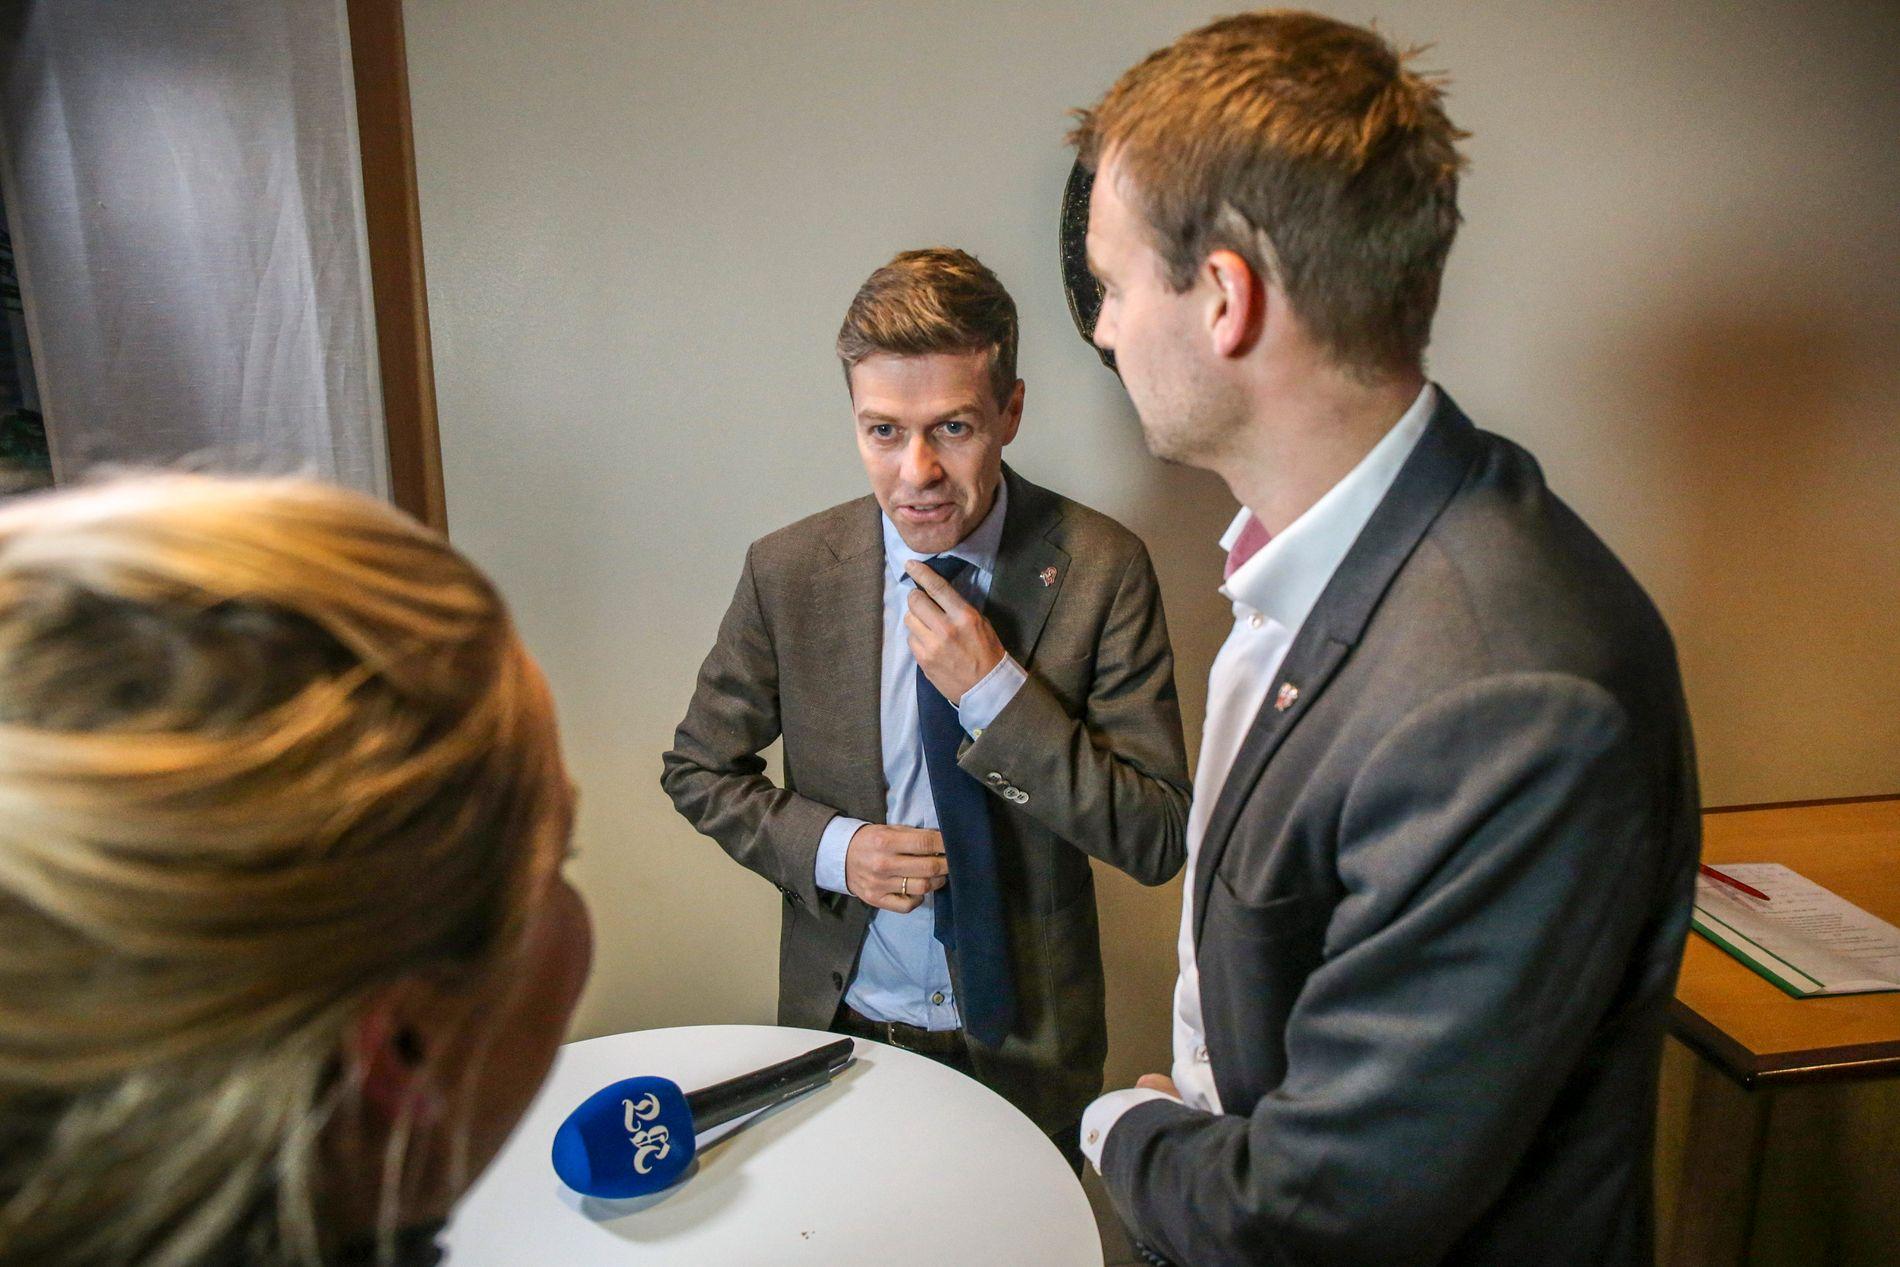 SKVIS: Knut Arild Hareide har gitt KrF et tydelig råd om å gå i regjering med Ap og Sp. Lørdag skal Rogaland KrF velge om de vil følge det rådet.